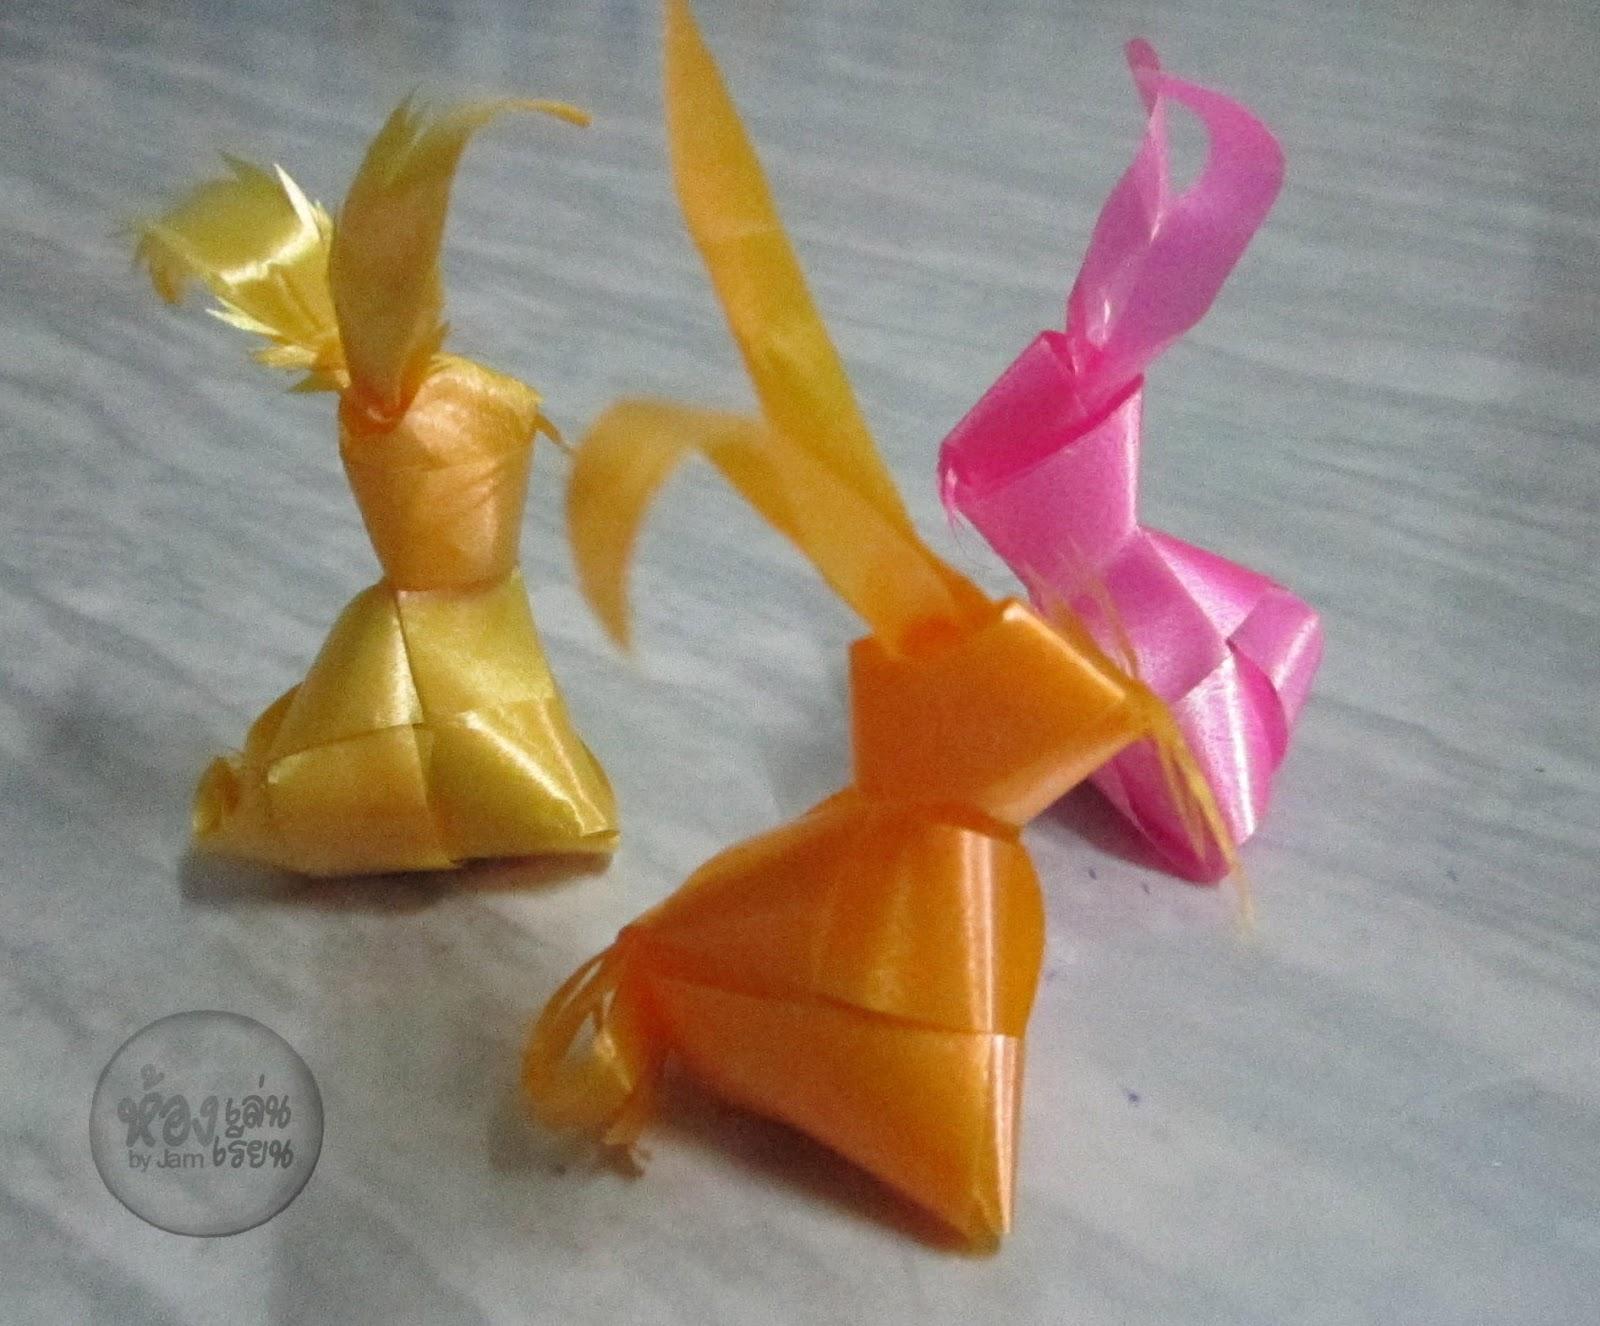 ウサギ3Dをリボンにする方法、リボンを製織する方法  weave ribbon rabbit Como coelho fita 3D, tecendo fita,